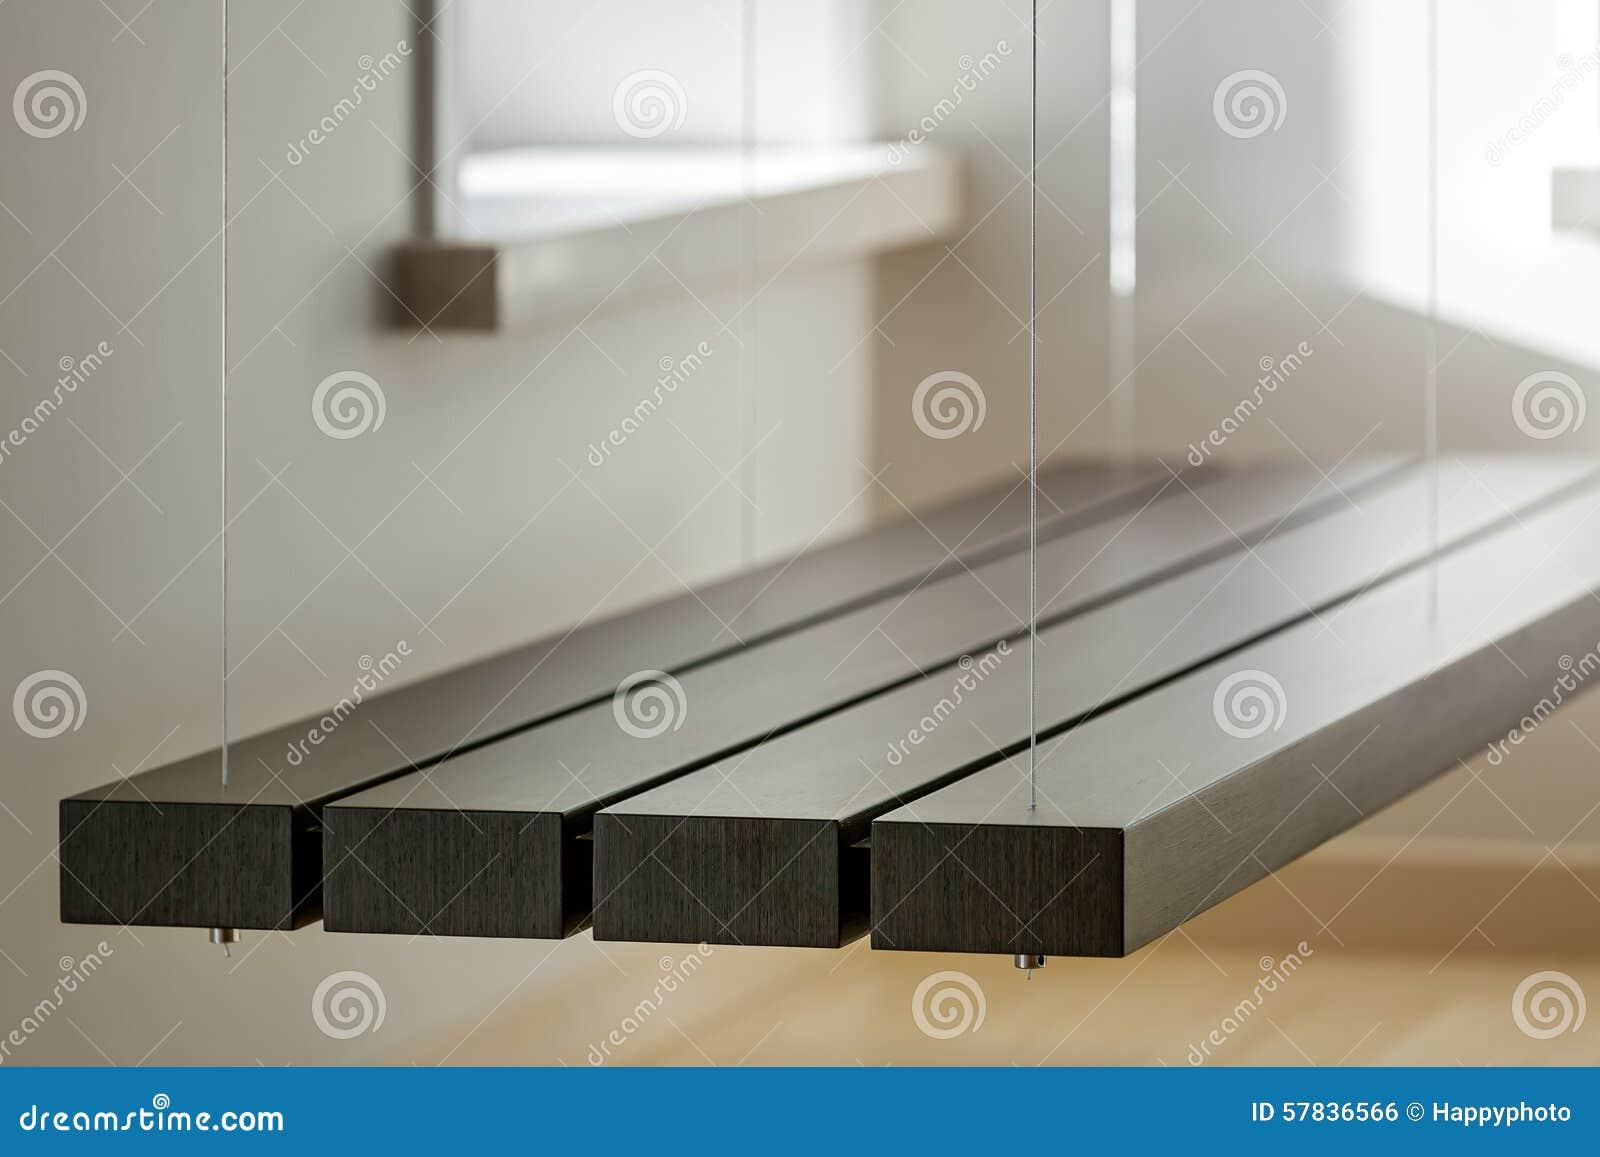 vue de banc suspendu dans l 39 int rieur l ger photo stock image 57836566. Black Bedroom Furniture Sets. Home Design Ideas